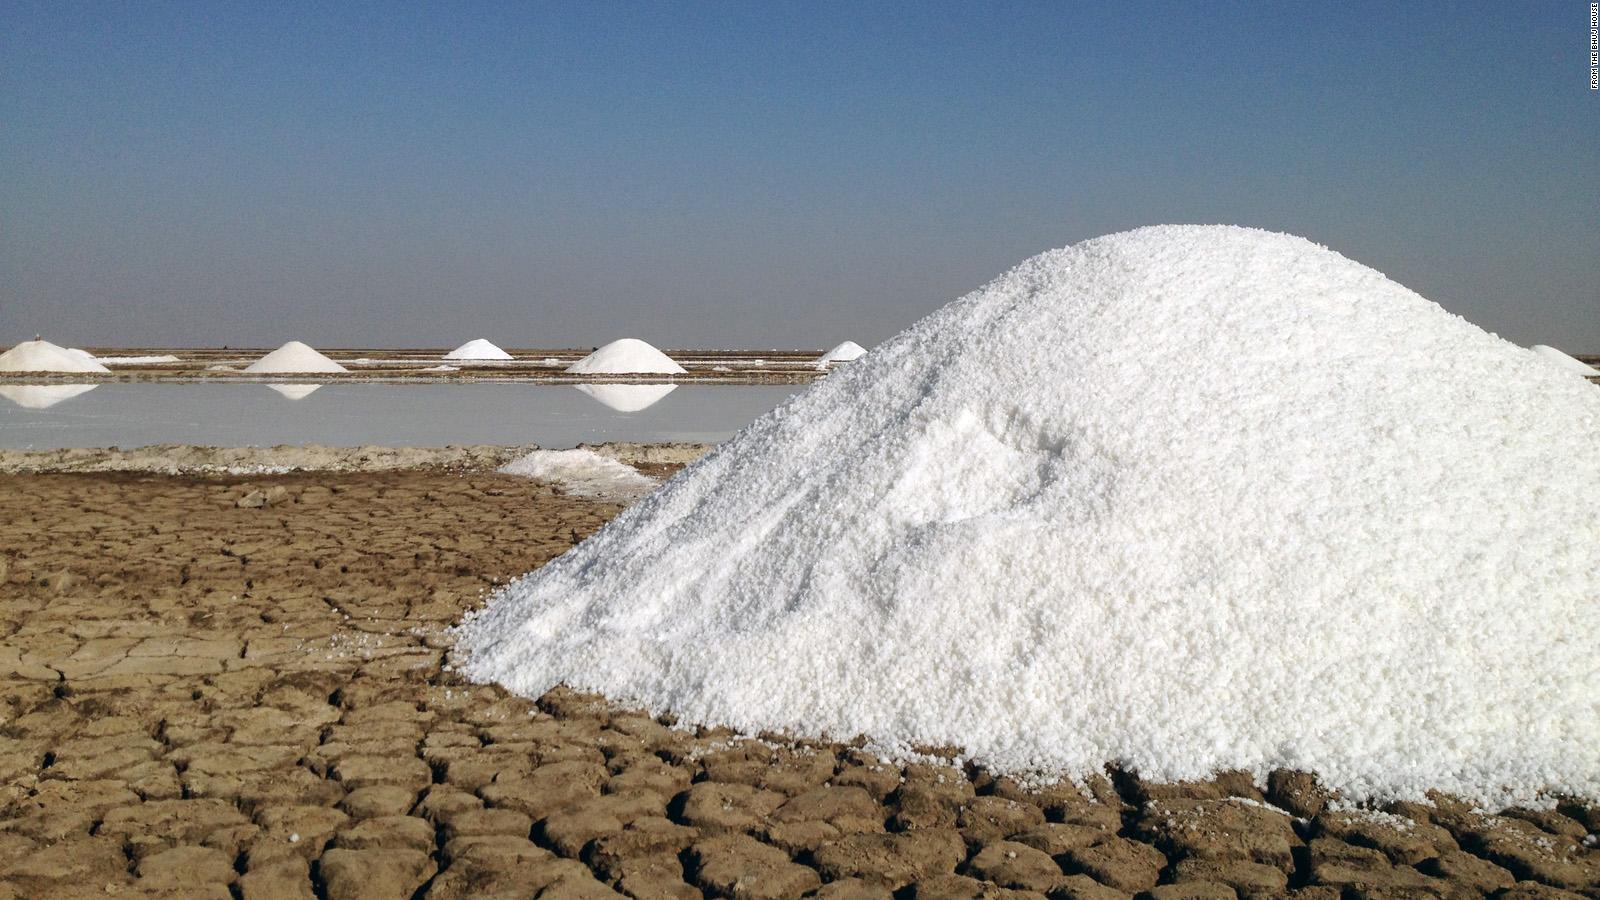 Daerah Produksi Garam Indonesia